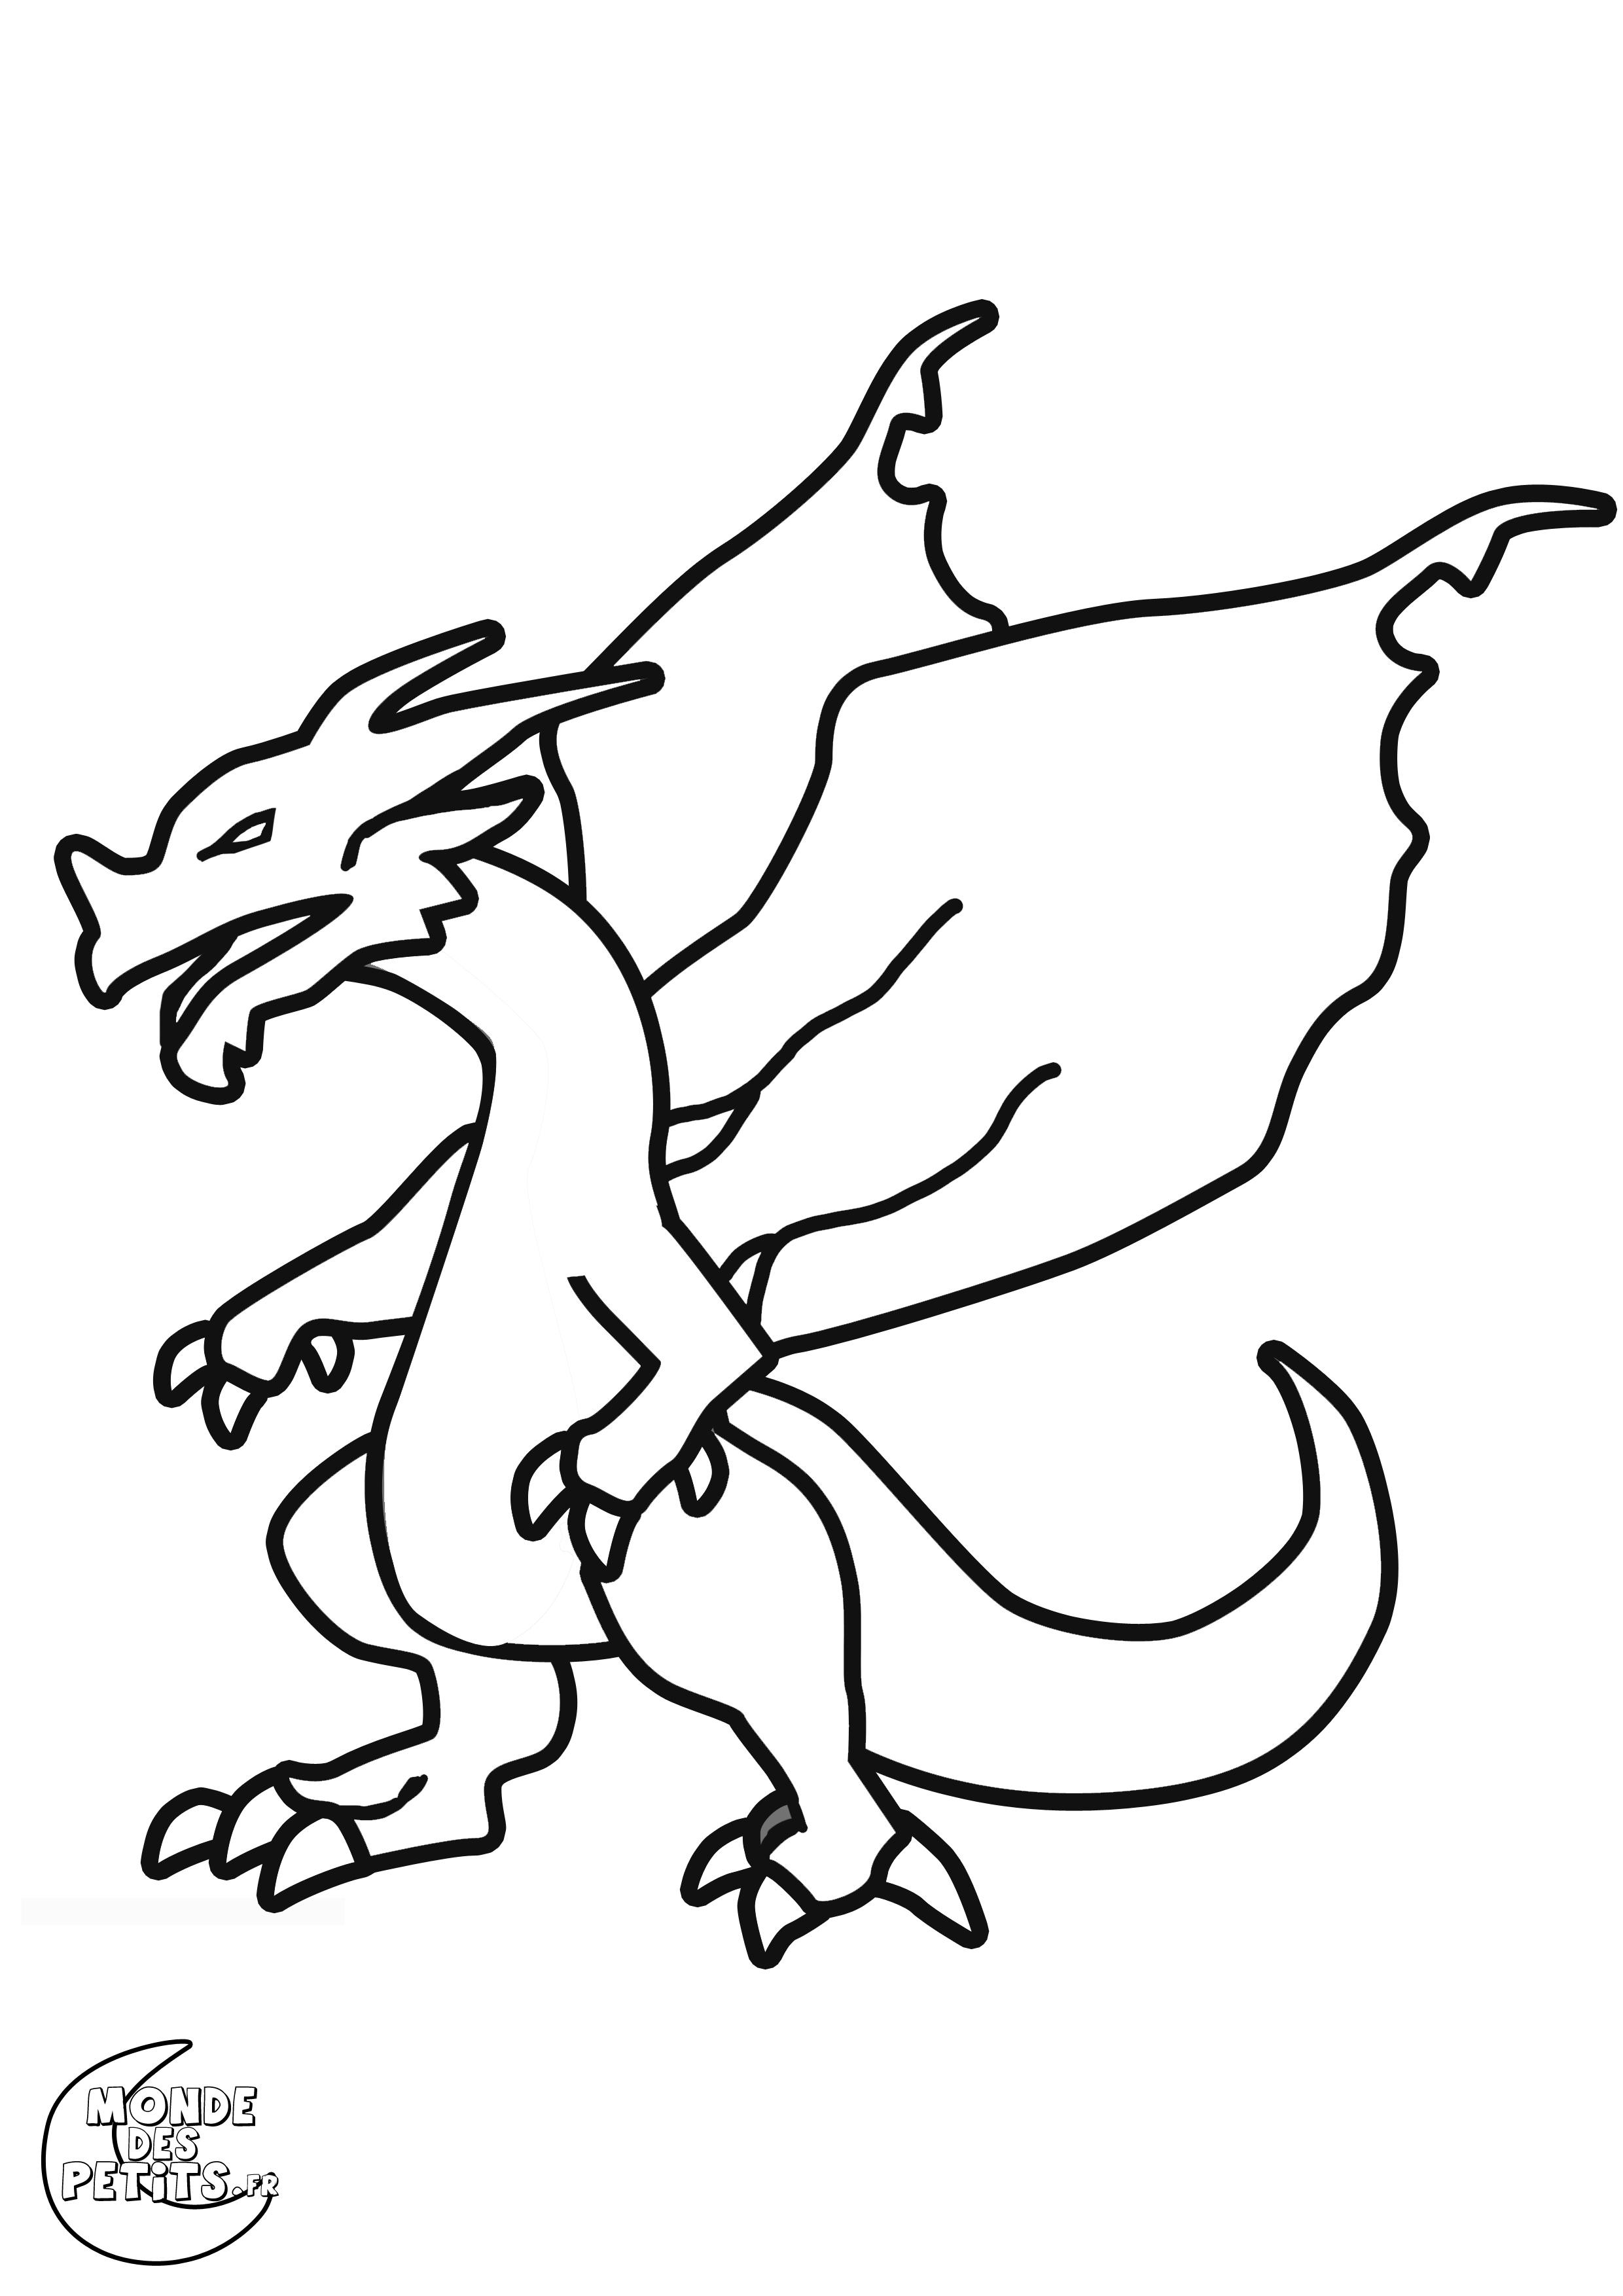 Dessin gratuit dragon a imprimer et colorier